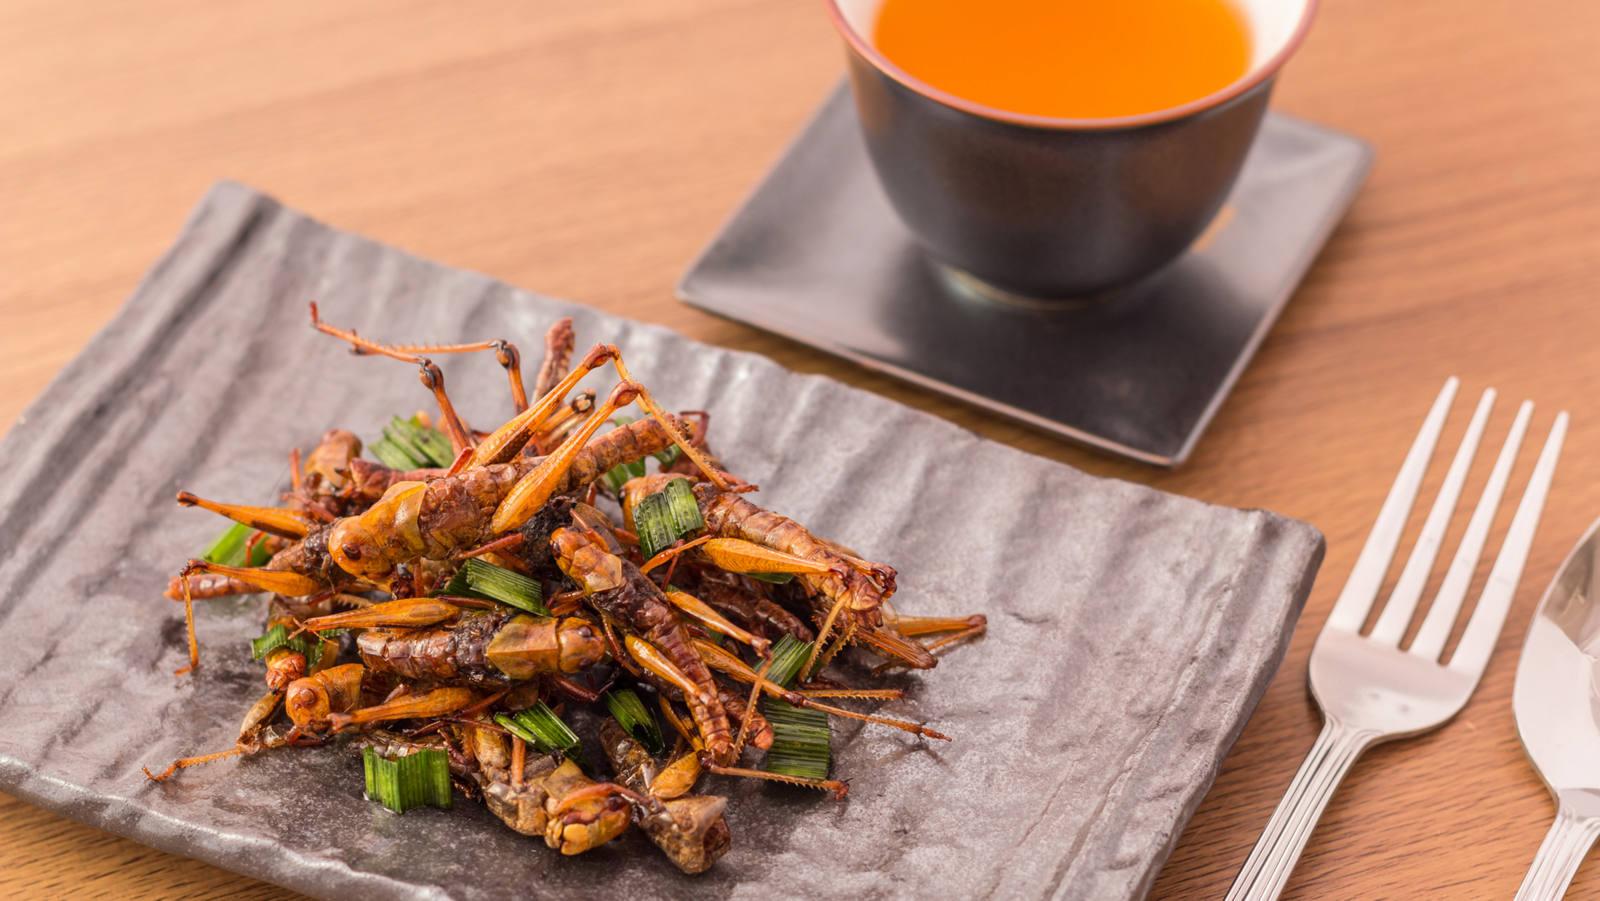 Insekten essen: Was Mehlwurm & Co für die Gesundheit bieten